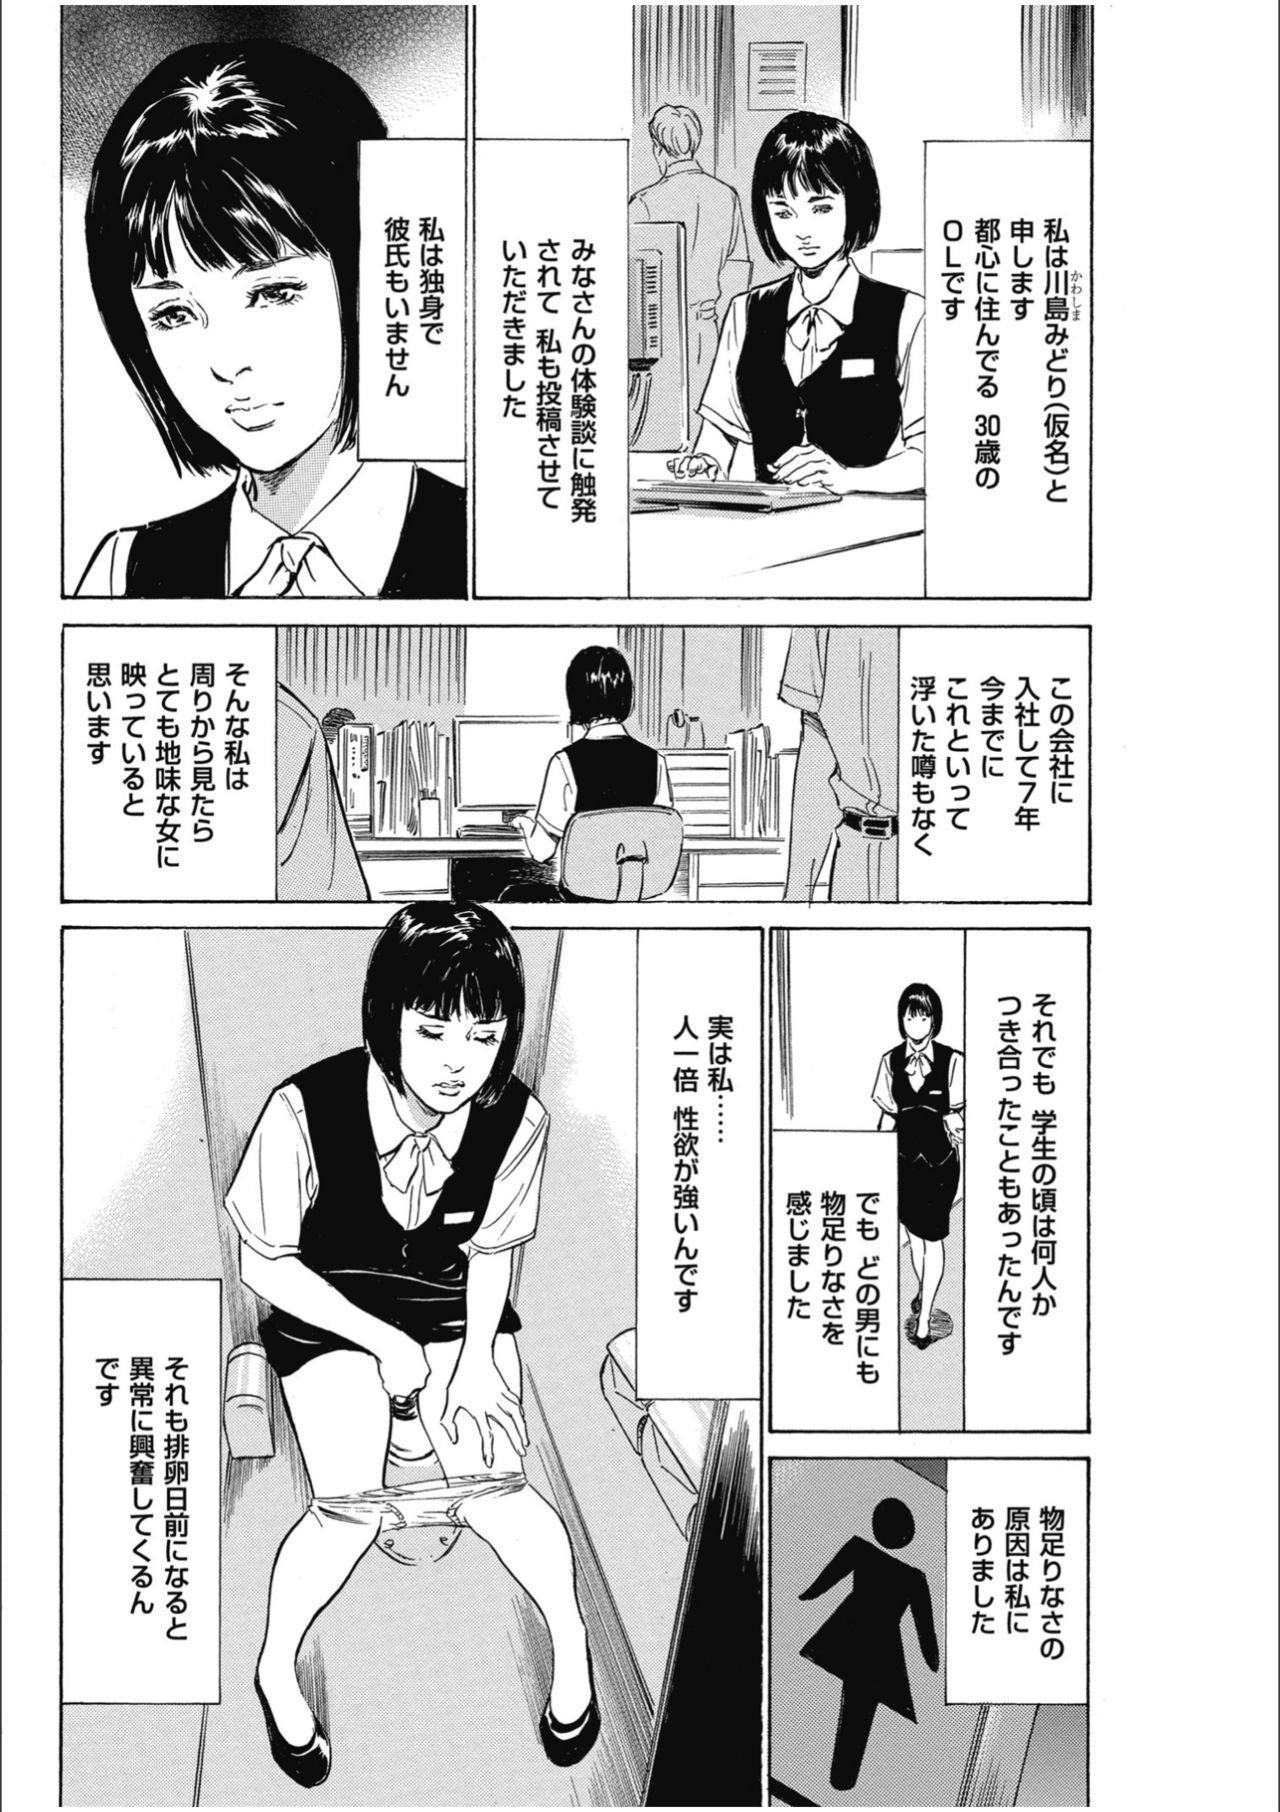 八月薫傑作マジセレ Hな体験教えます 女性投稿12連発 71